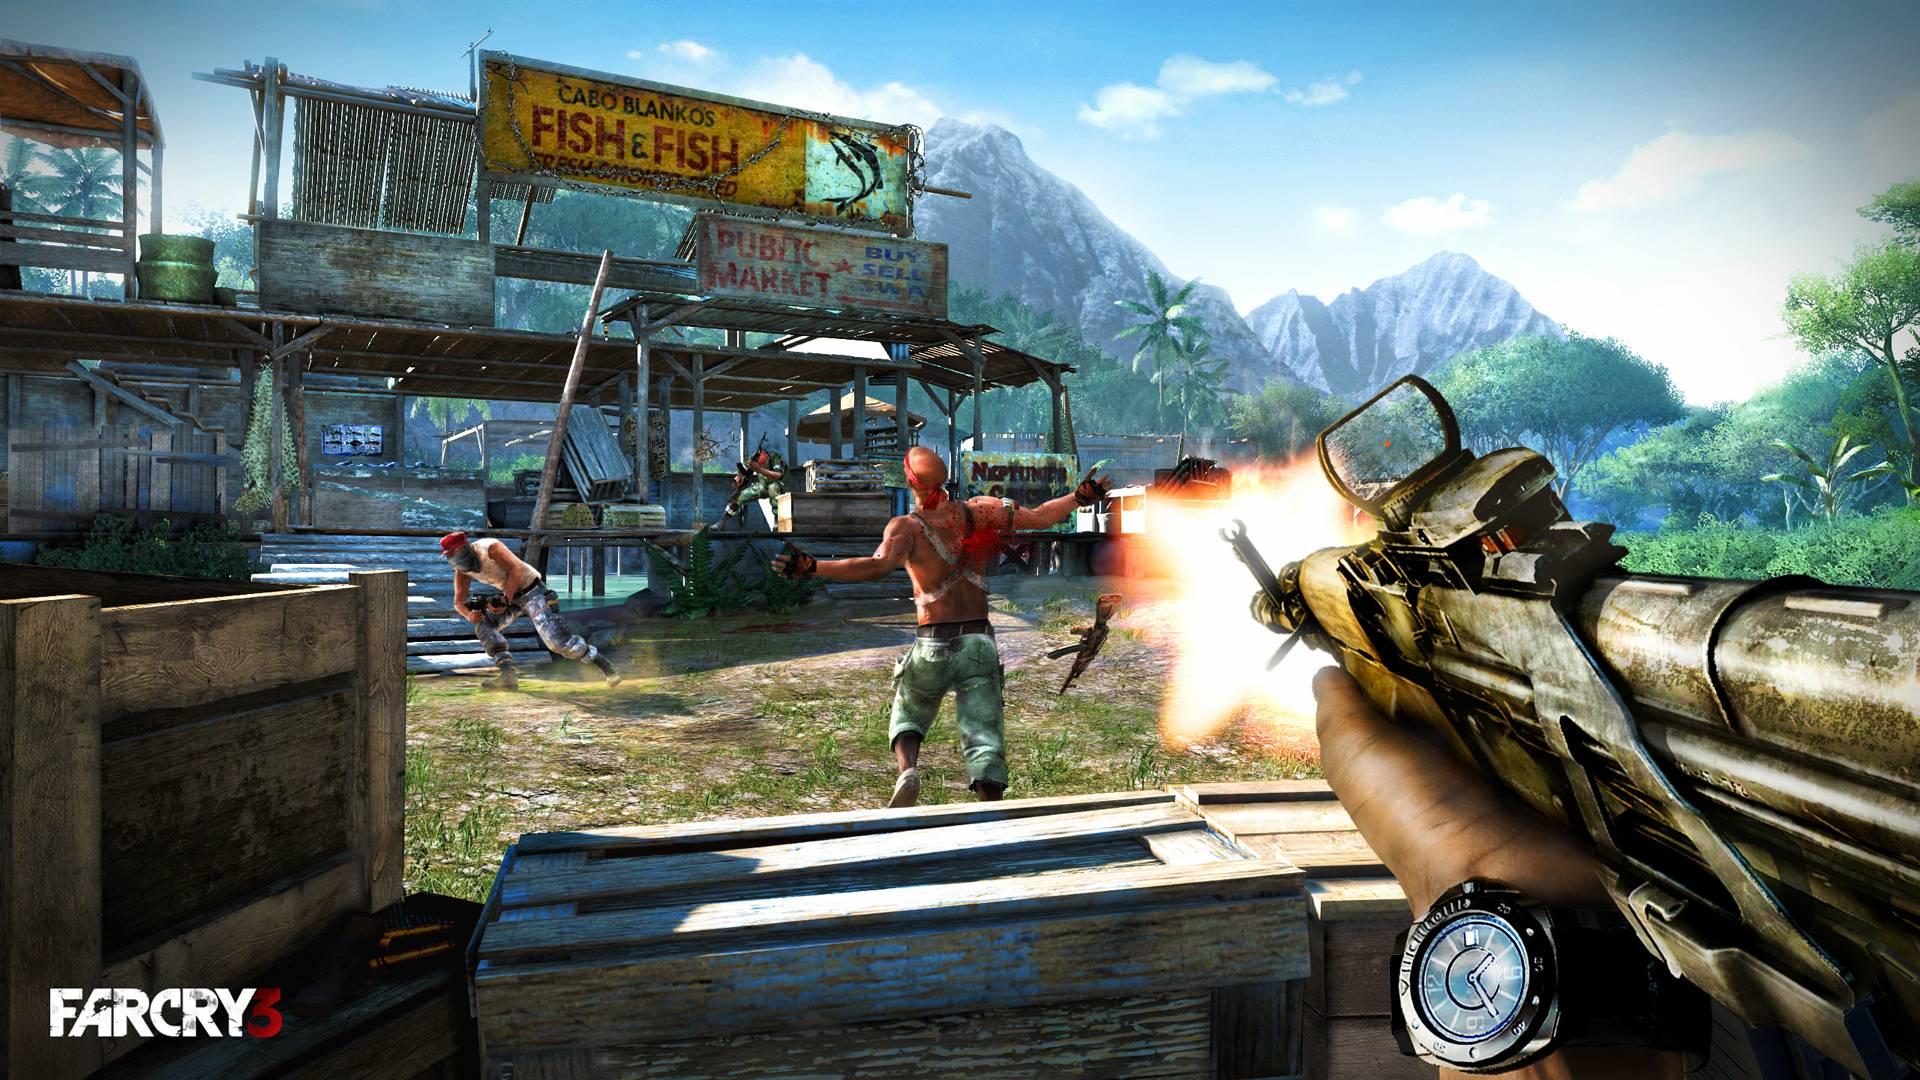 Far cry 3 скачать торрент механики.